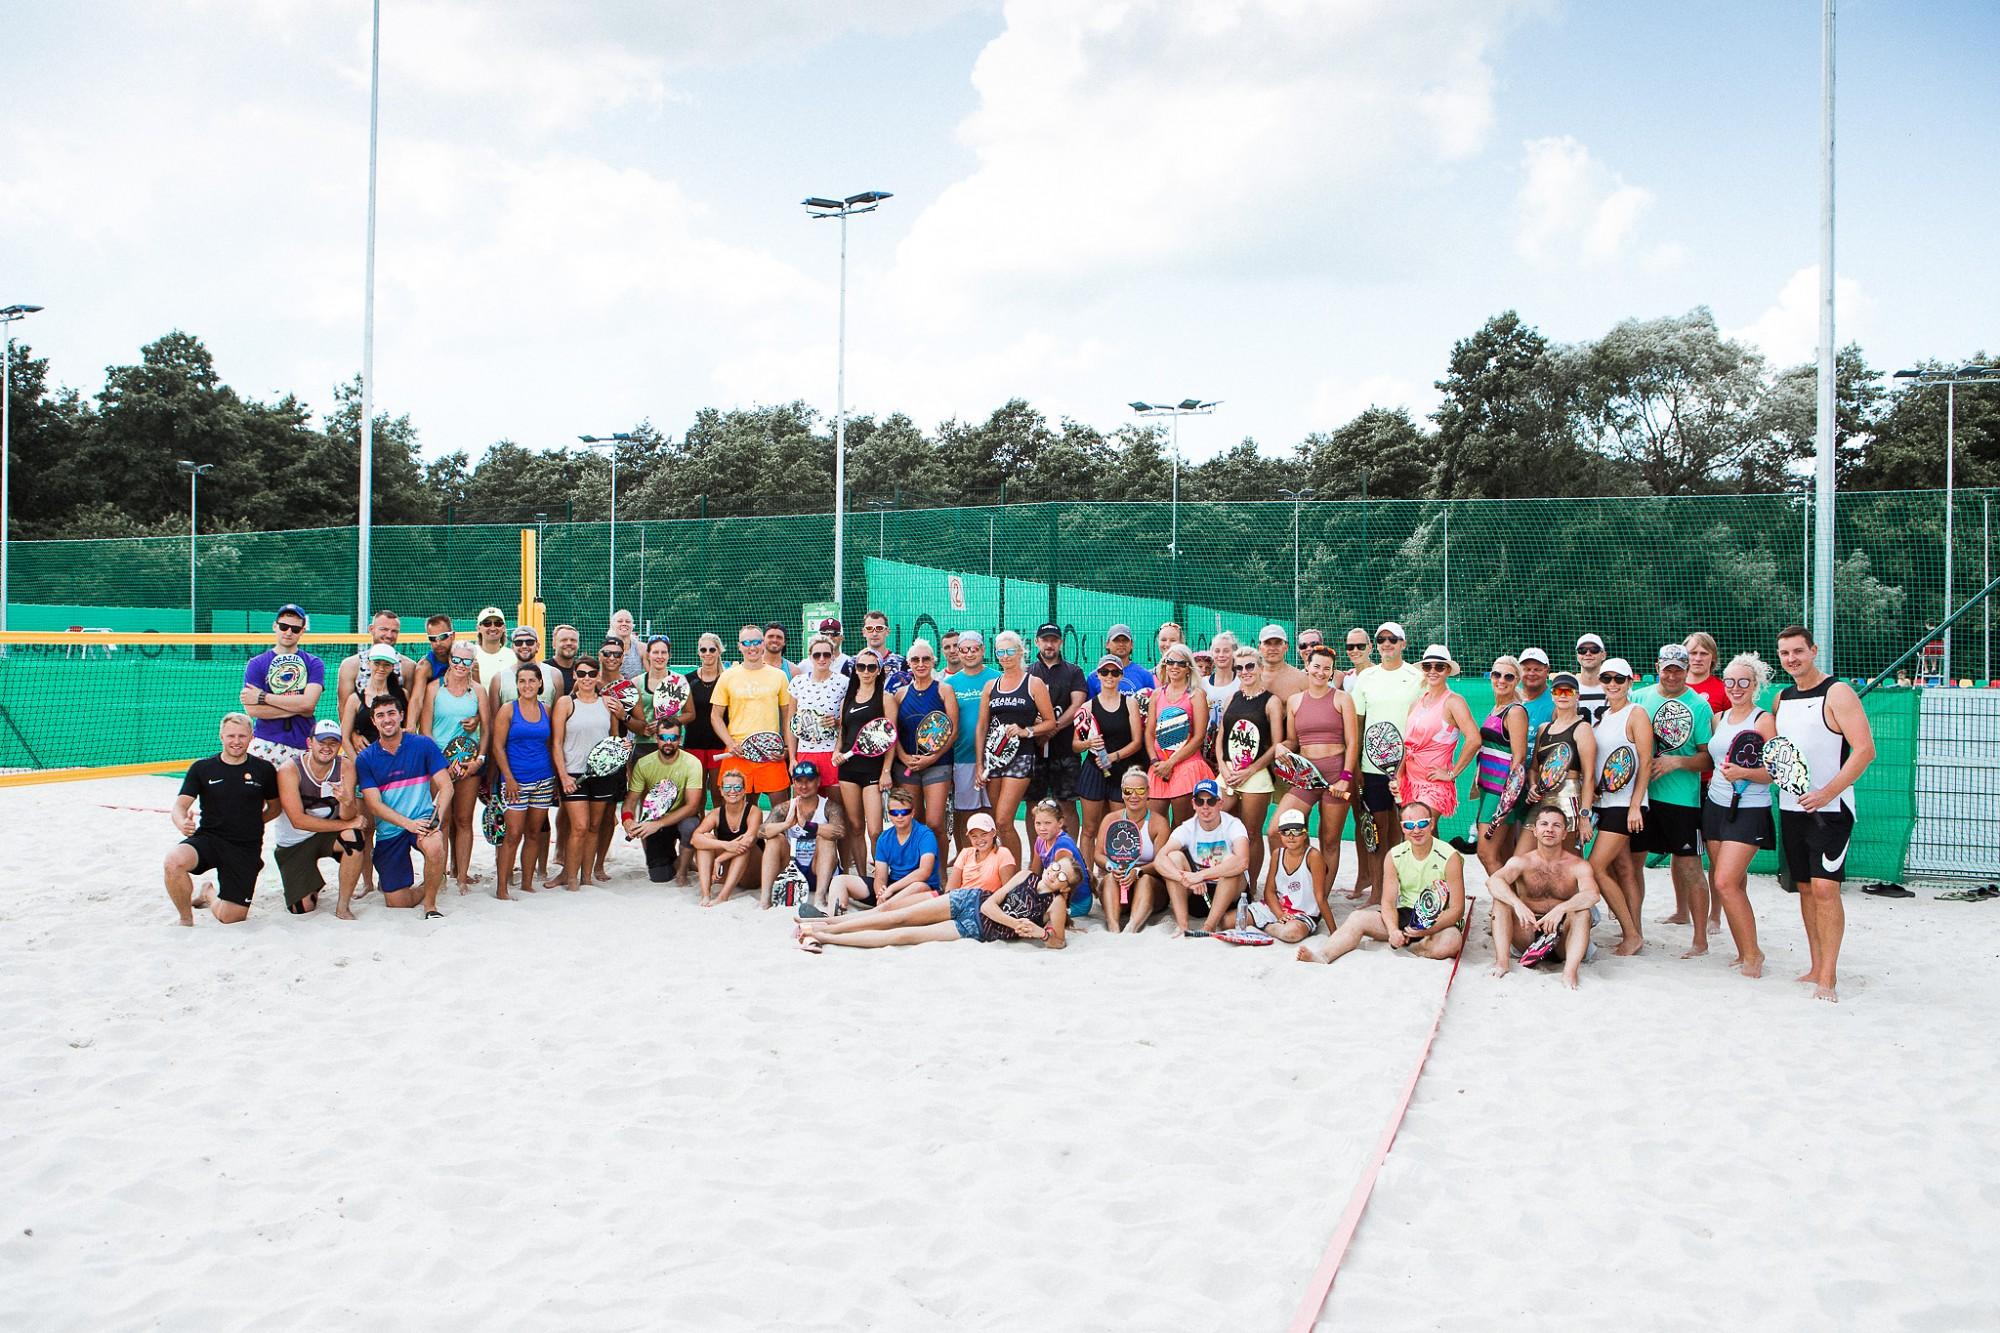 Liepājā noslēdzies starptautiskais pludmales tenisa turnīrs amatieriem